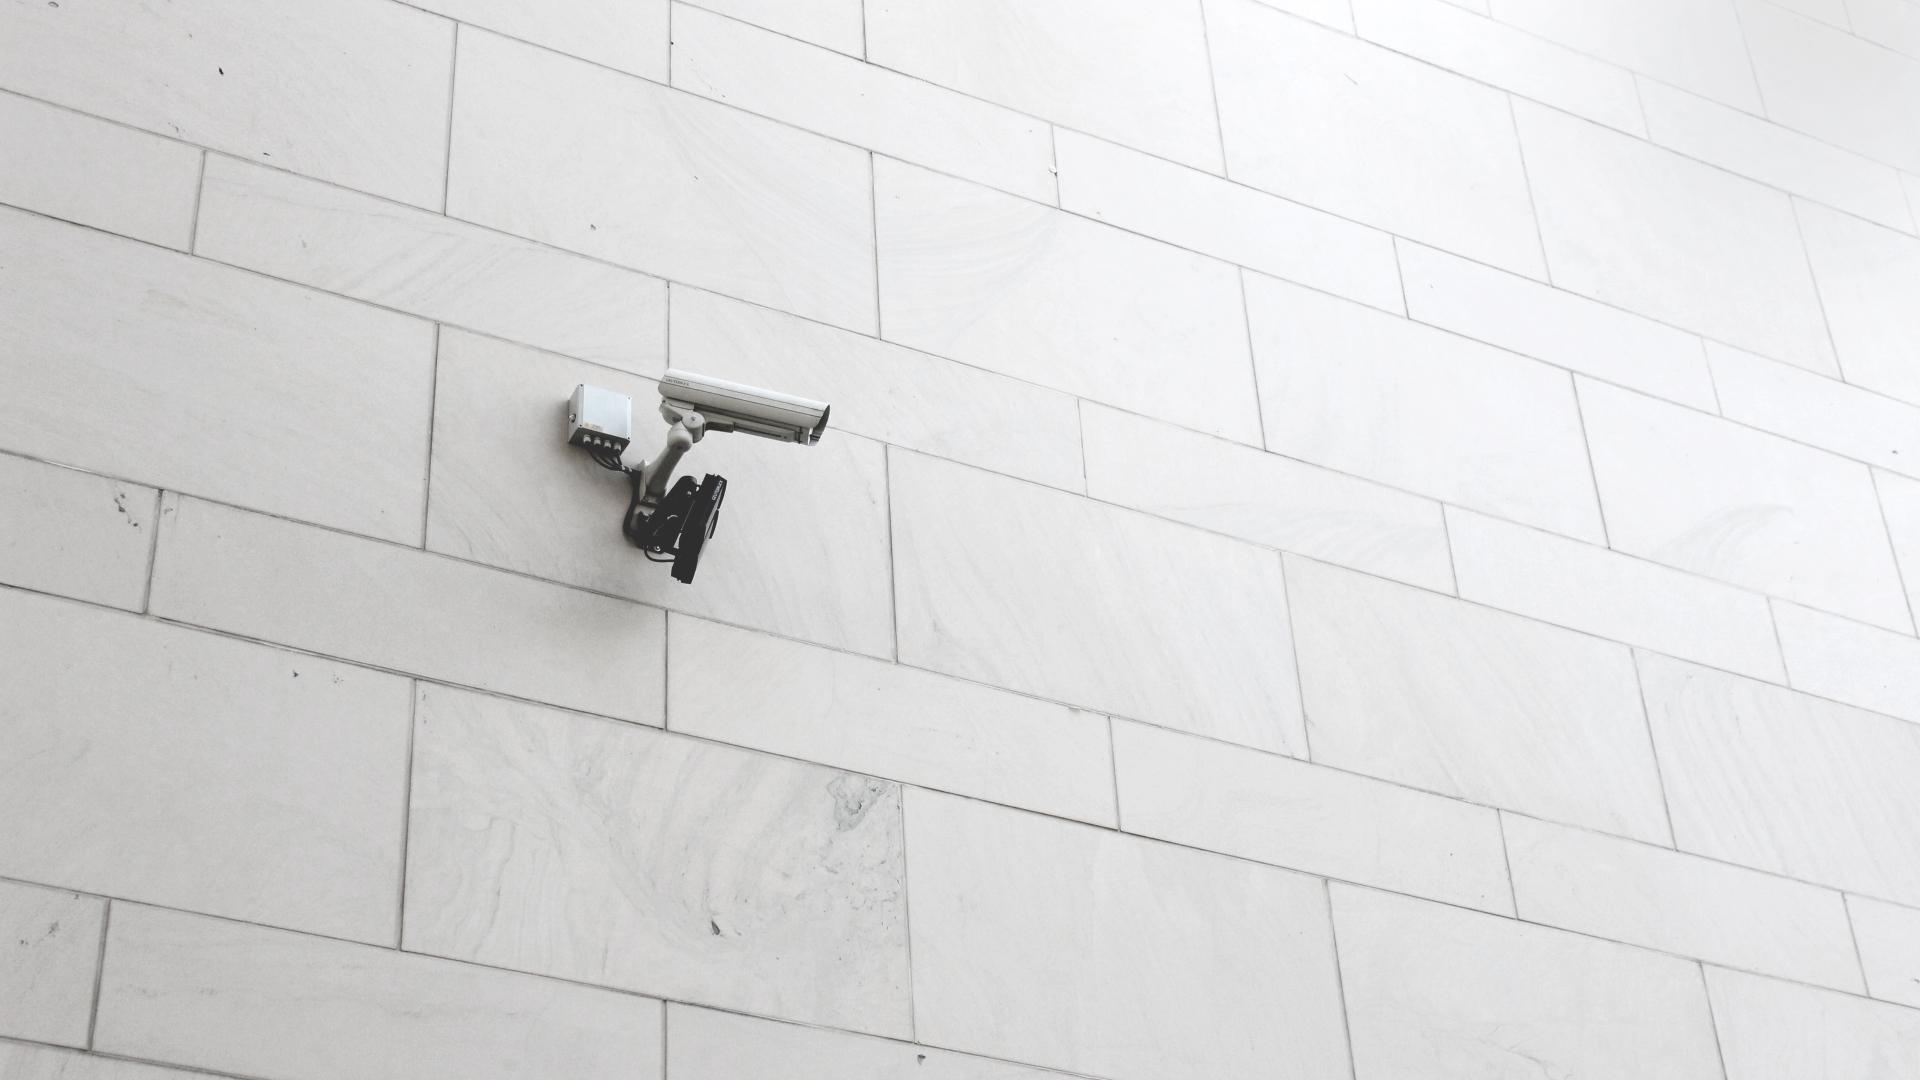 Kamera, Datenschutz, Sicherheit, unsplash.com, Tobias Jussen